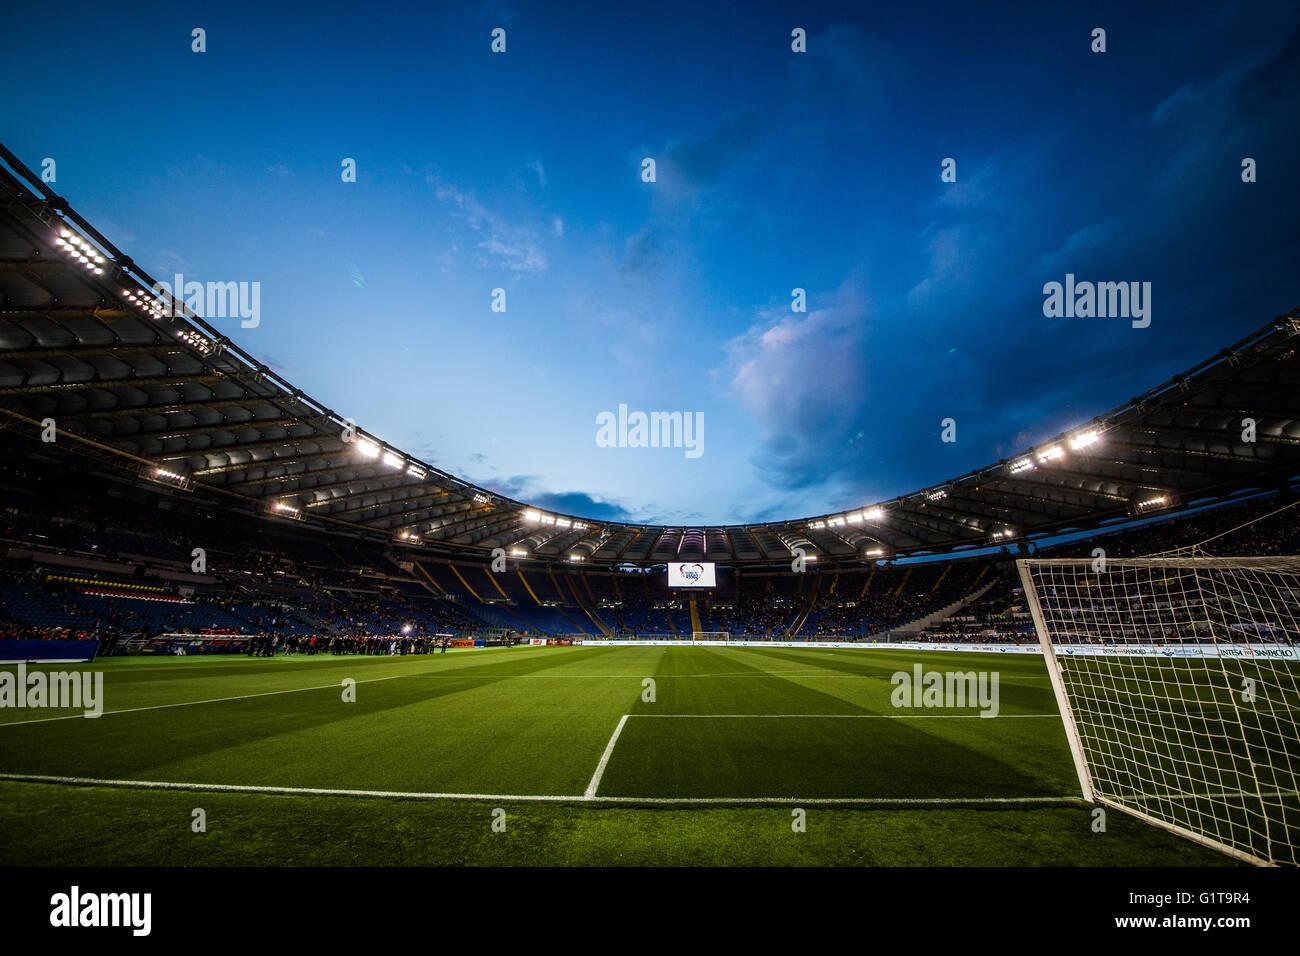 'Partita del Cuore' at Stadio Olimpico, Roma - Stock Image